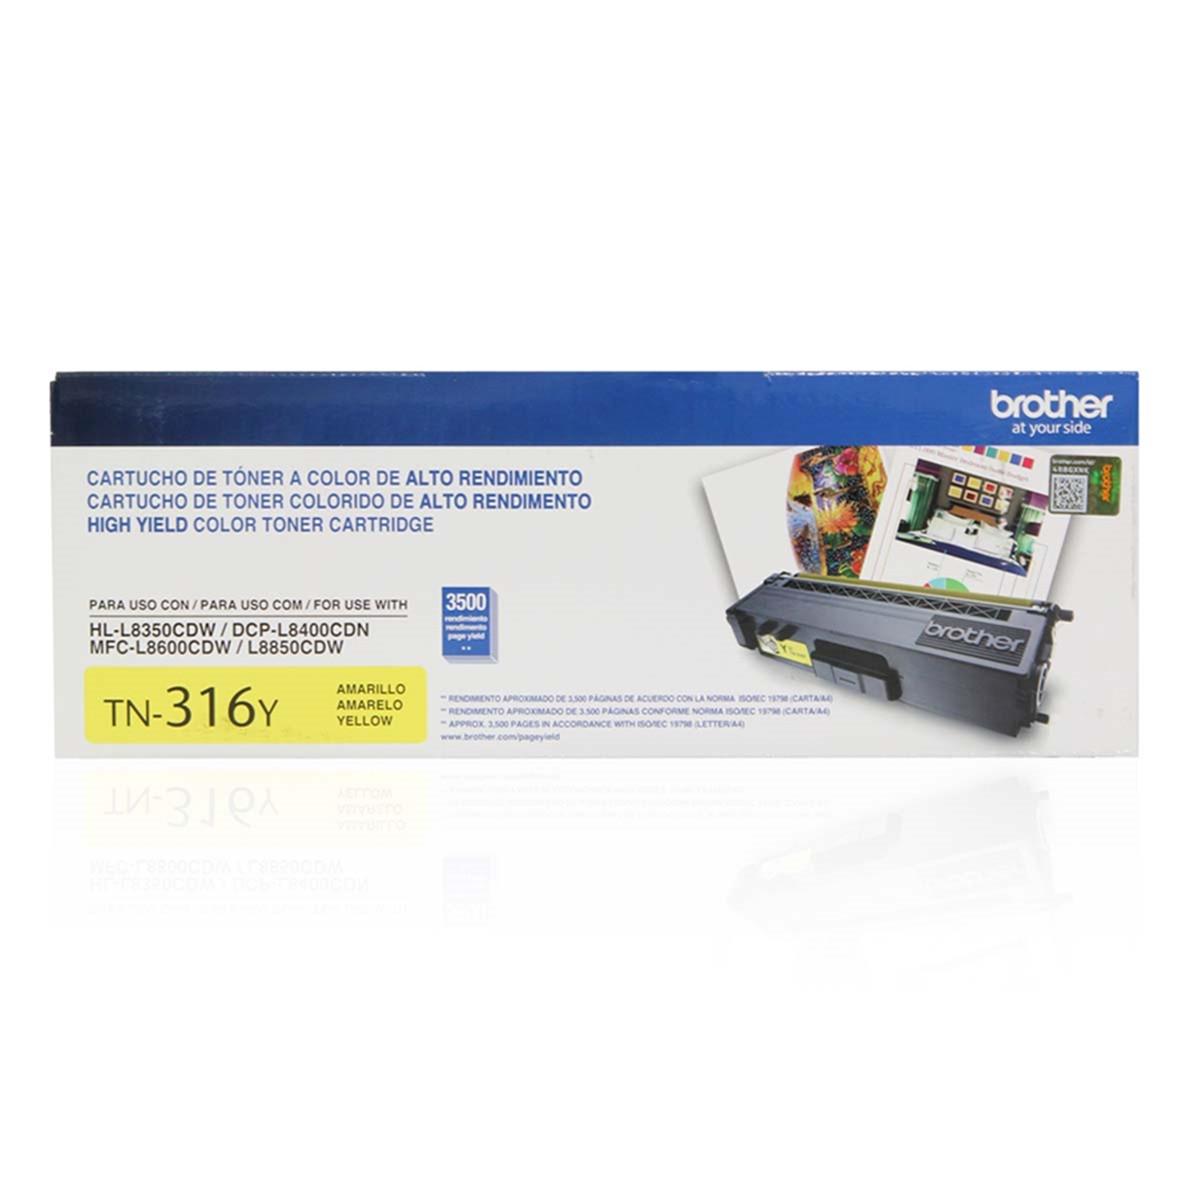 Toner Brother TN-316Y TN316 Amarelo   DCP-L8400CDN MFC-L8600CDW HL-L8350CDW   Original